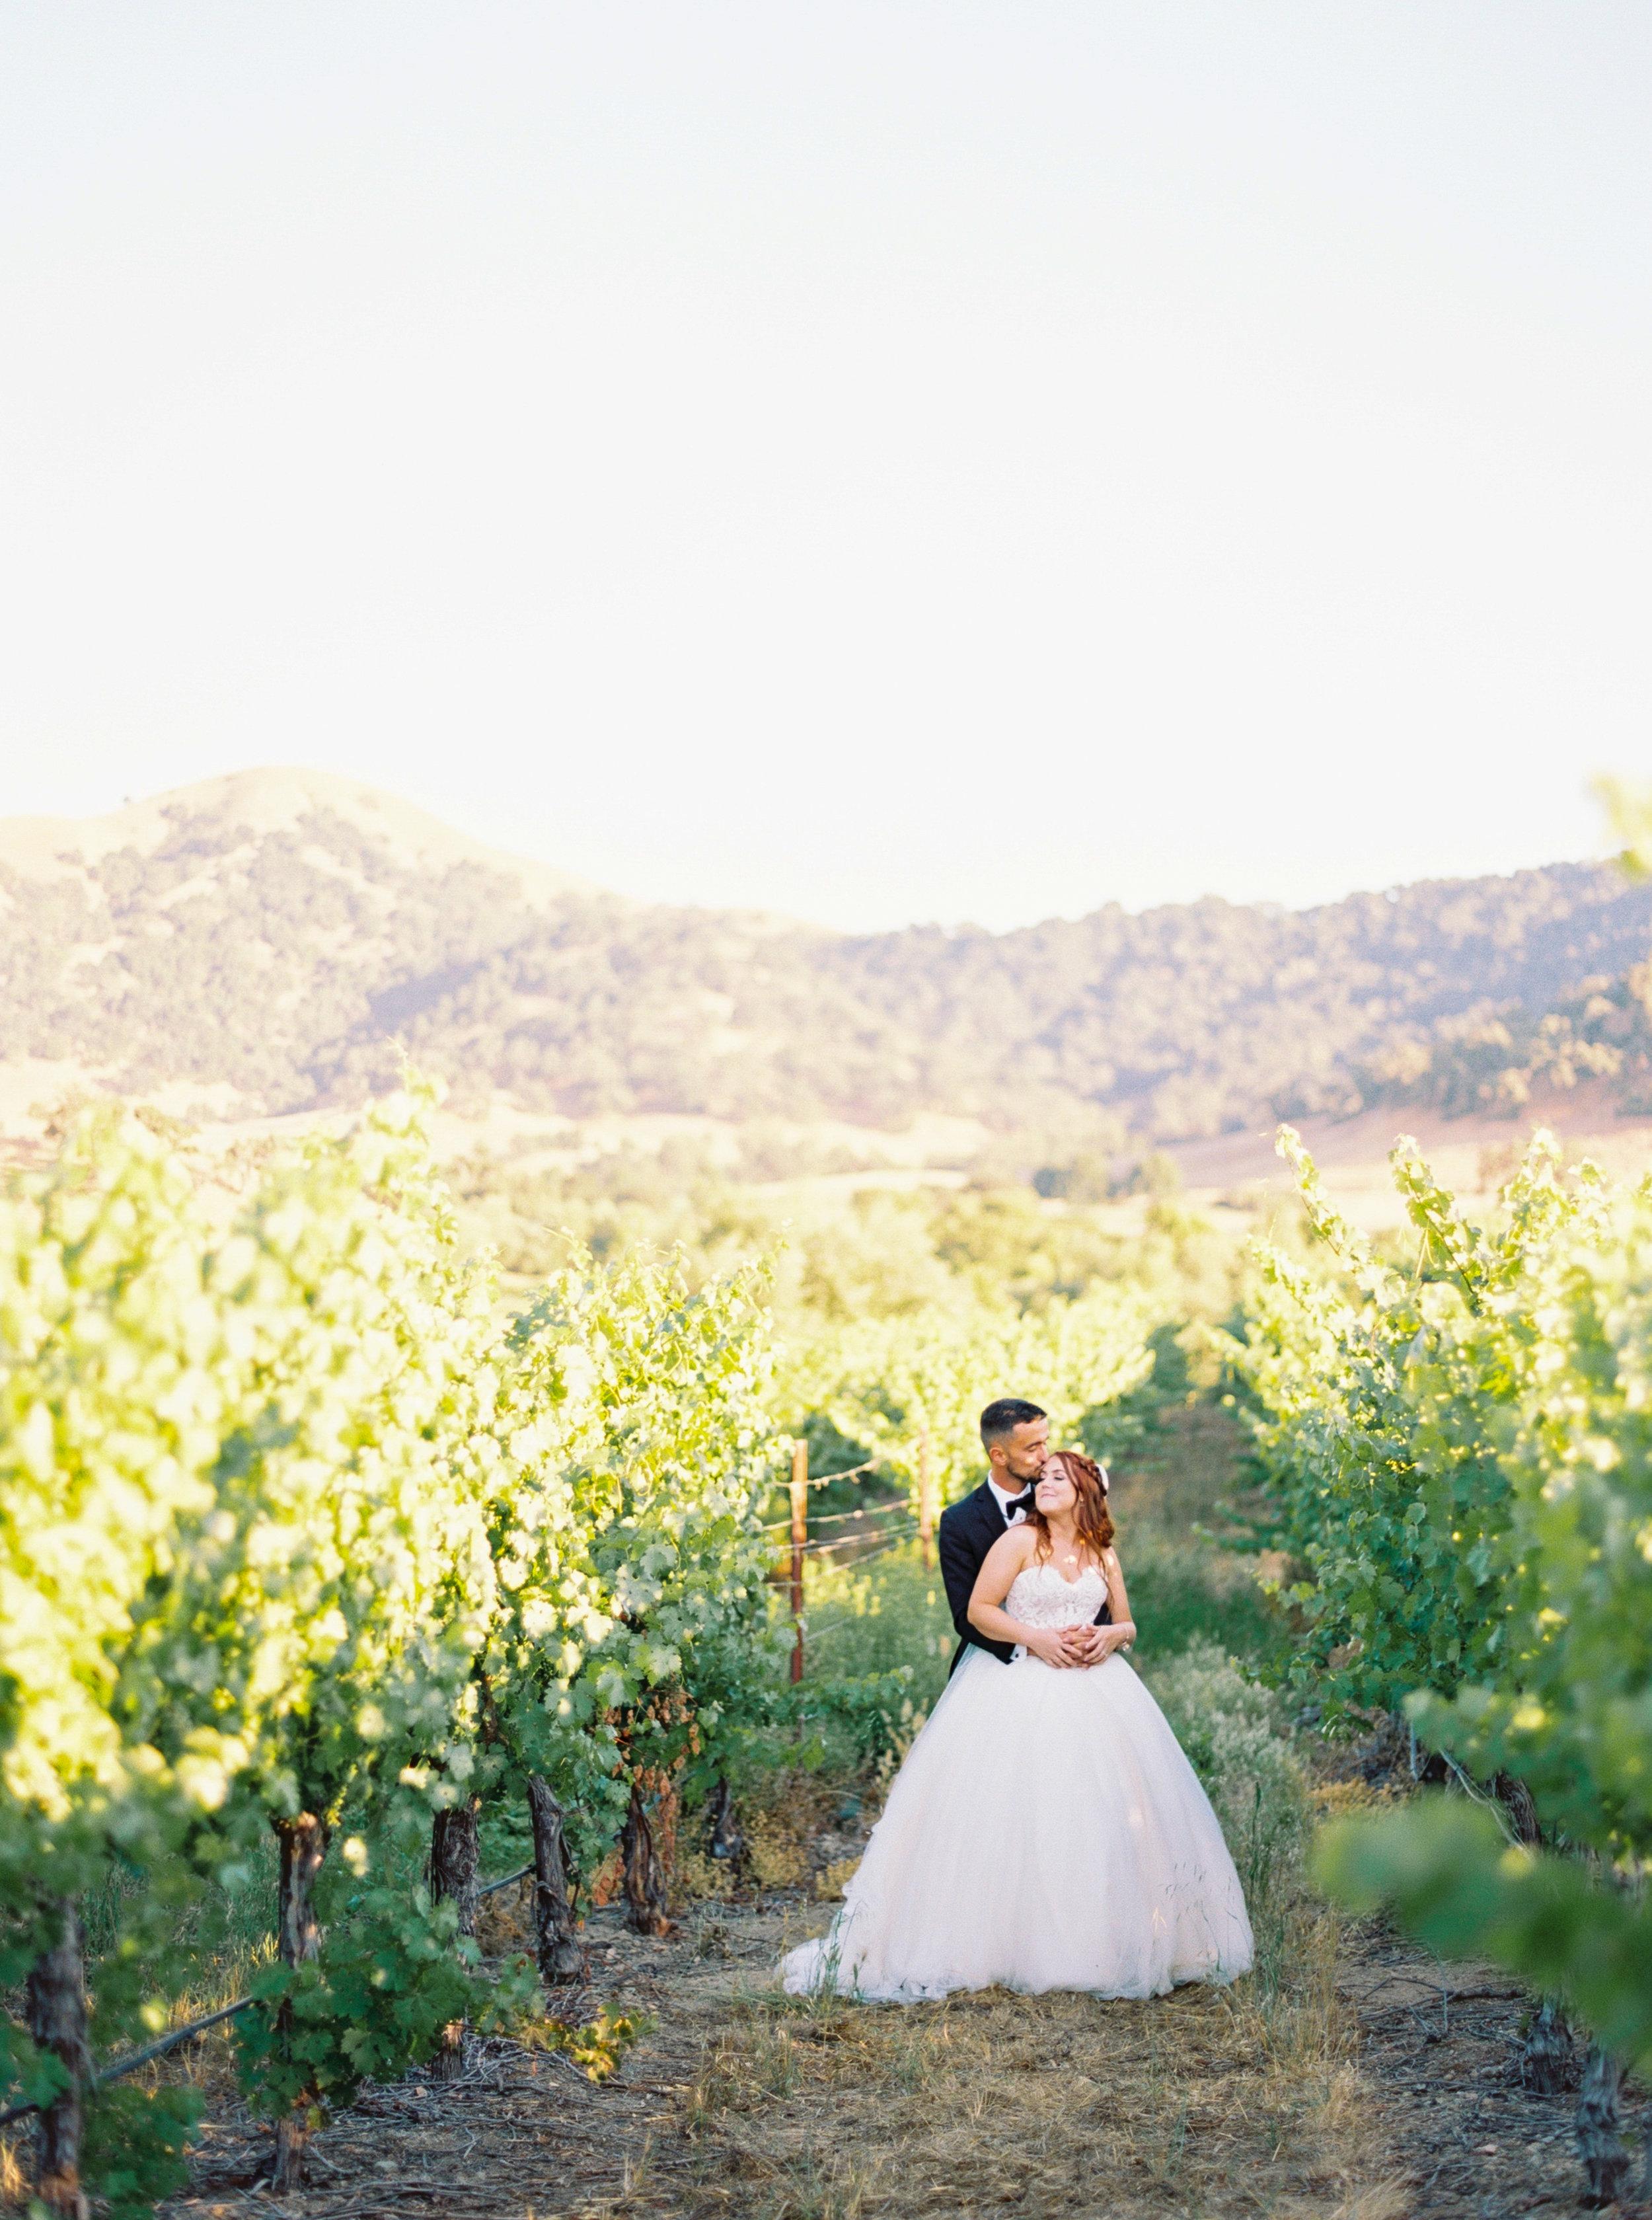 Clos LaChance Winery Wedding - Kelcie + Brian-311.jpg